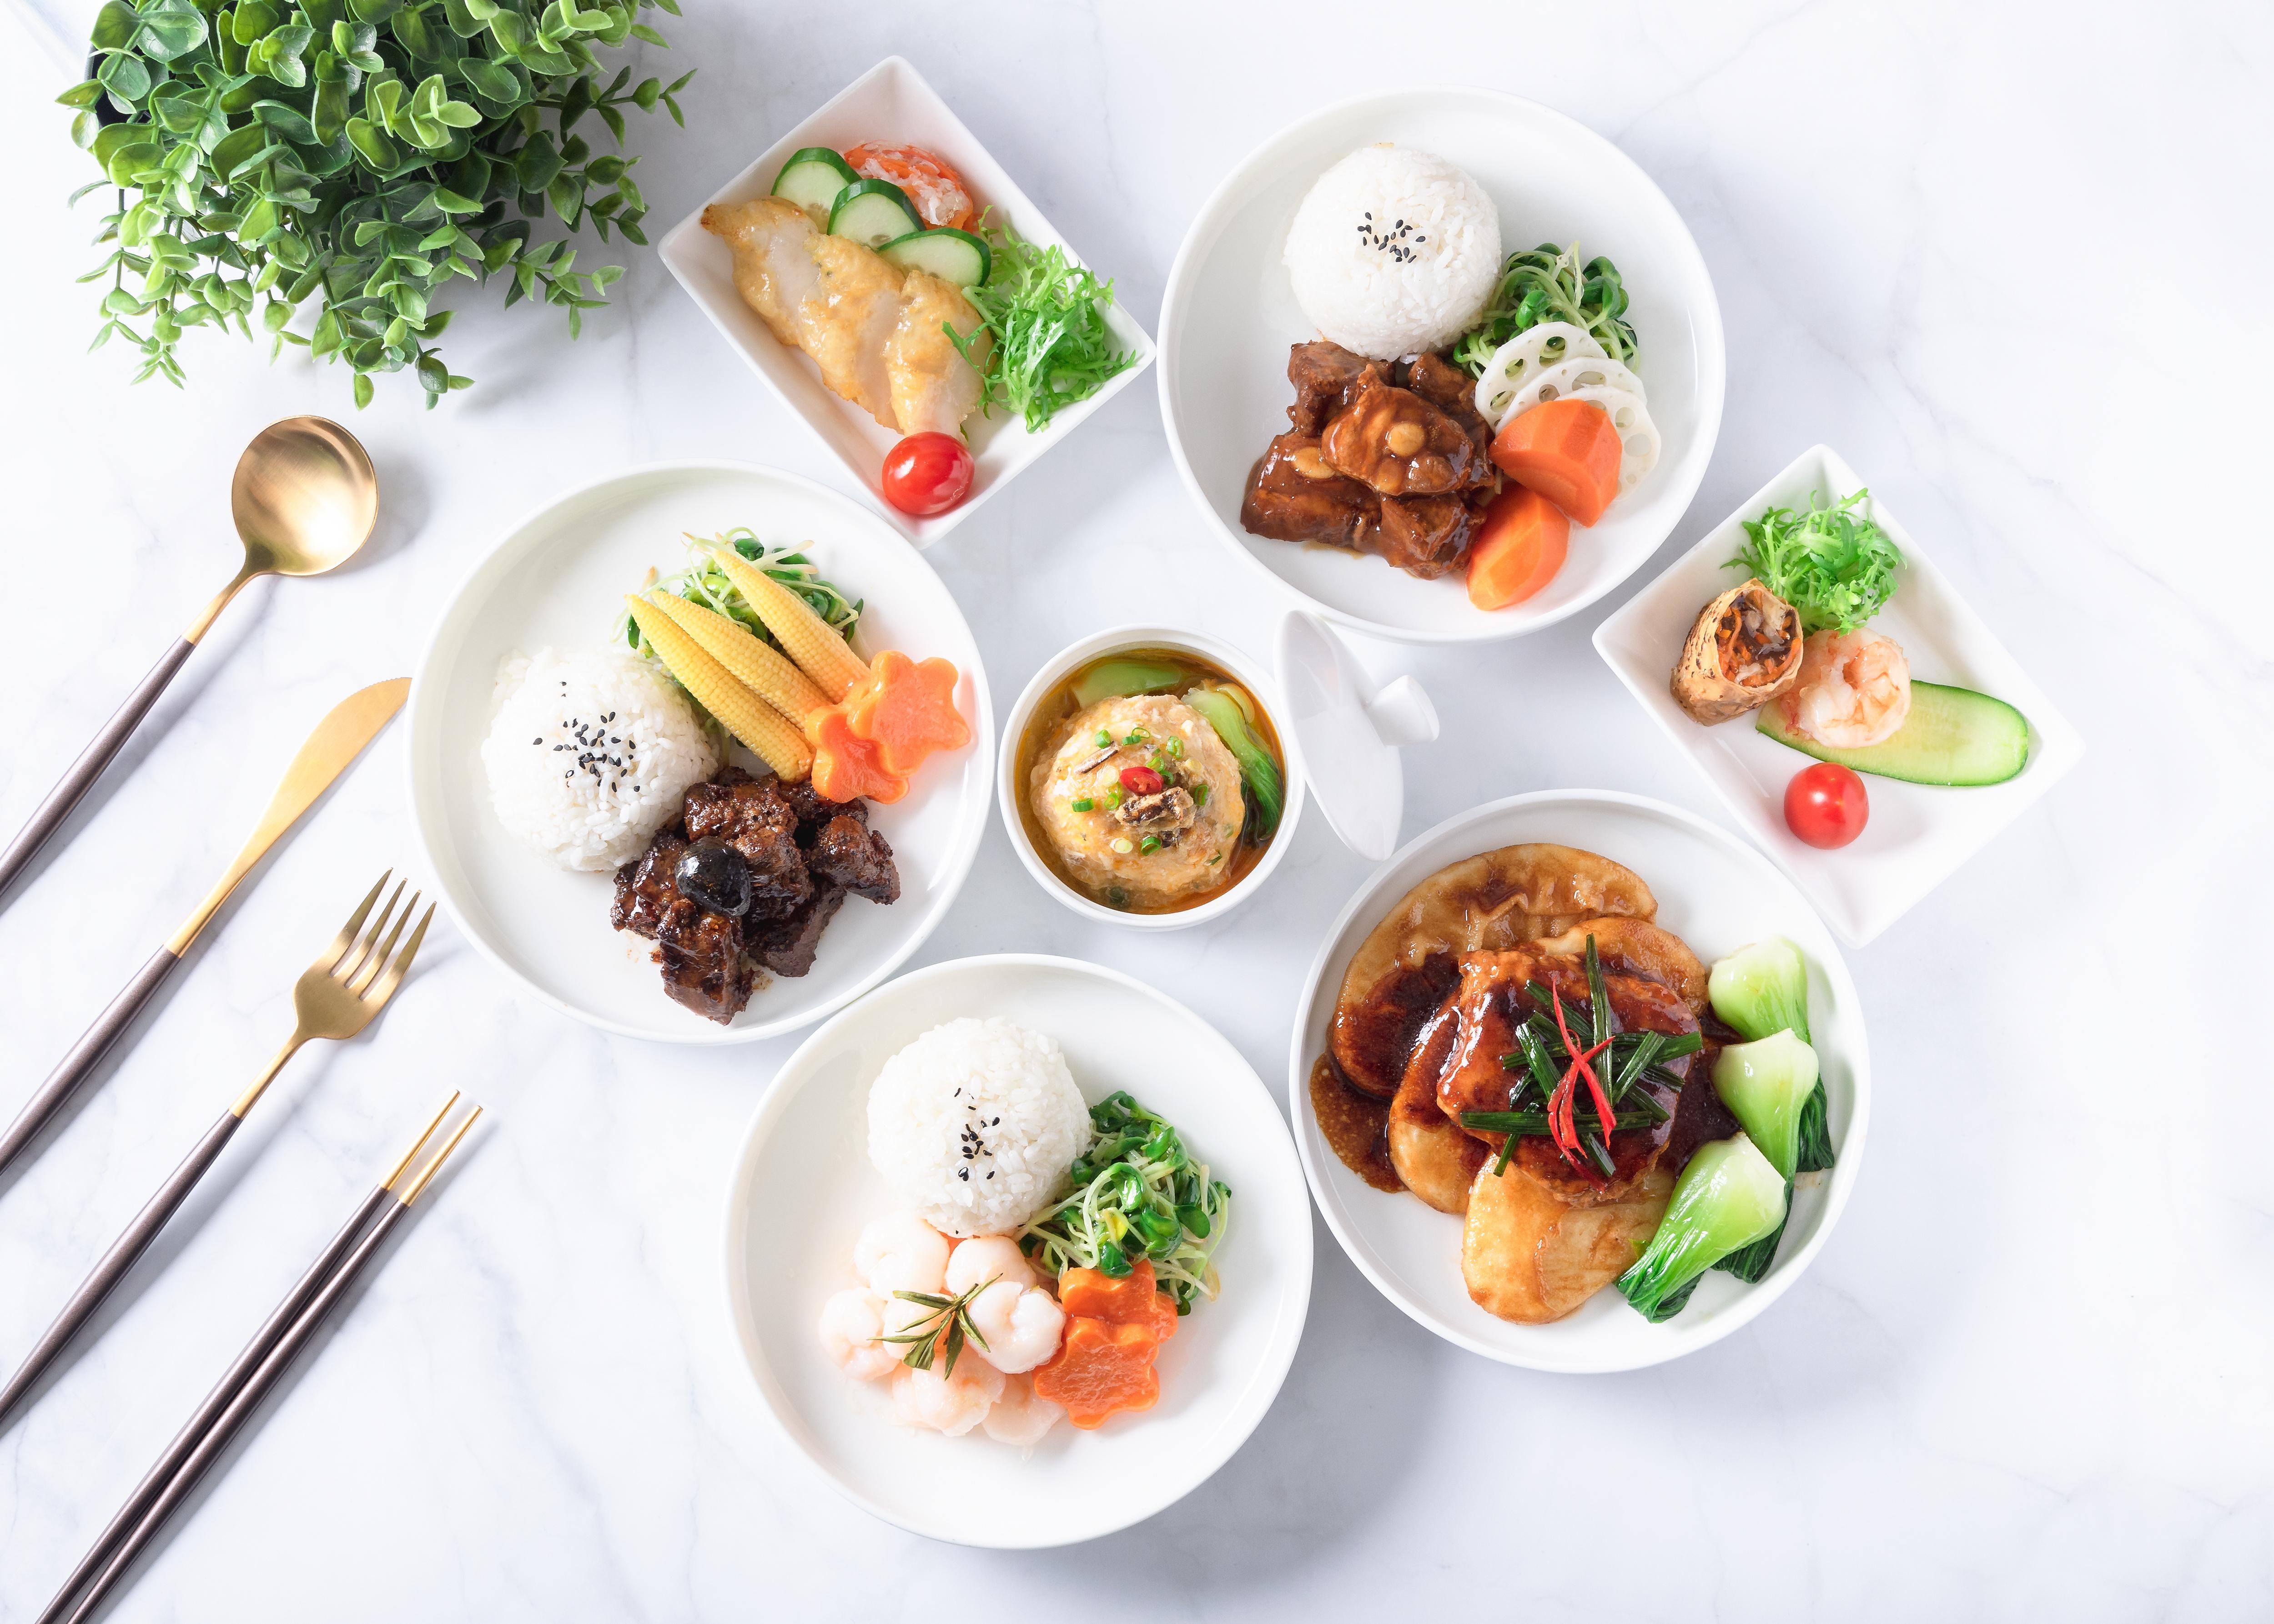 东航公务舱特色菜品